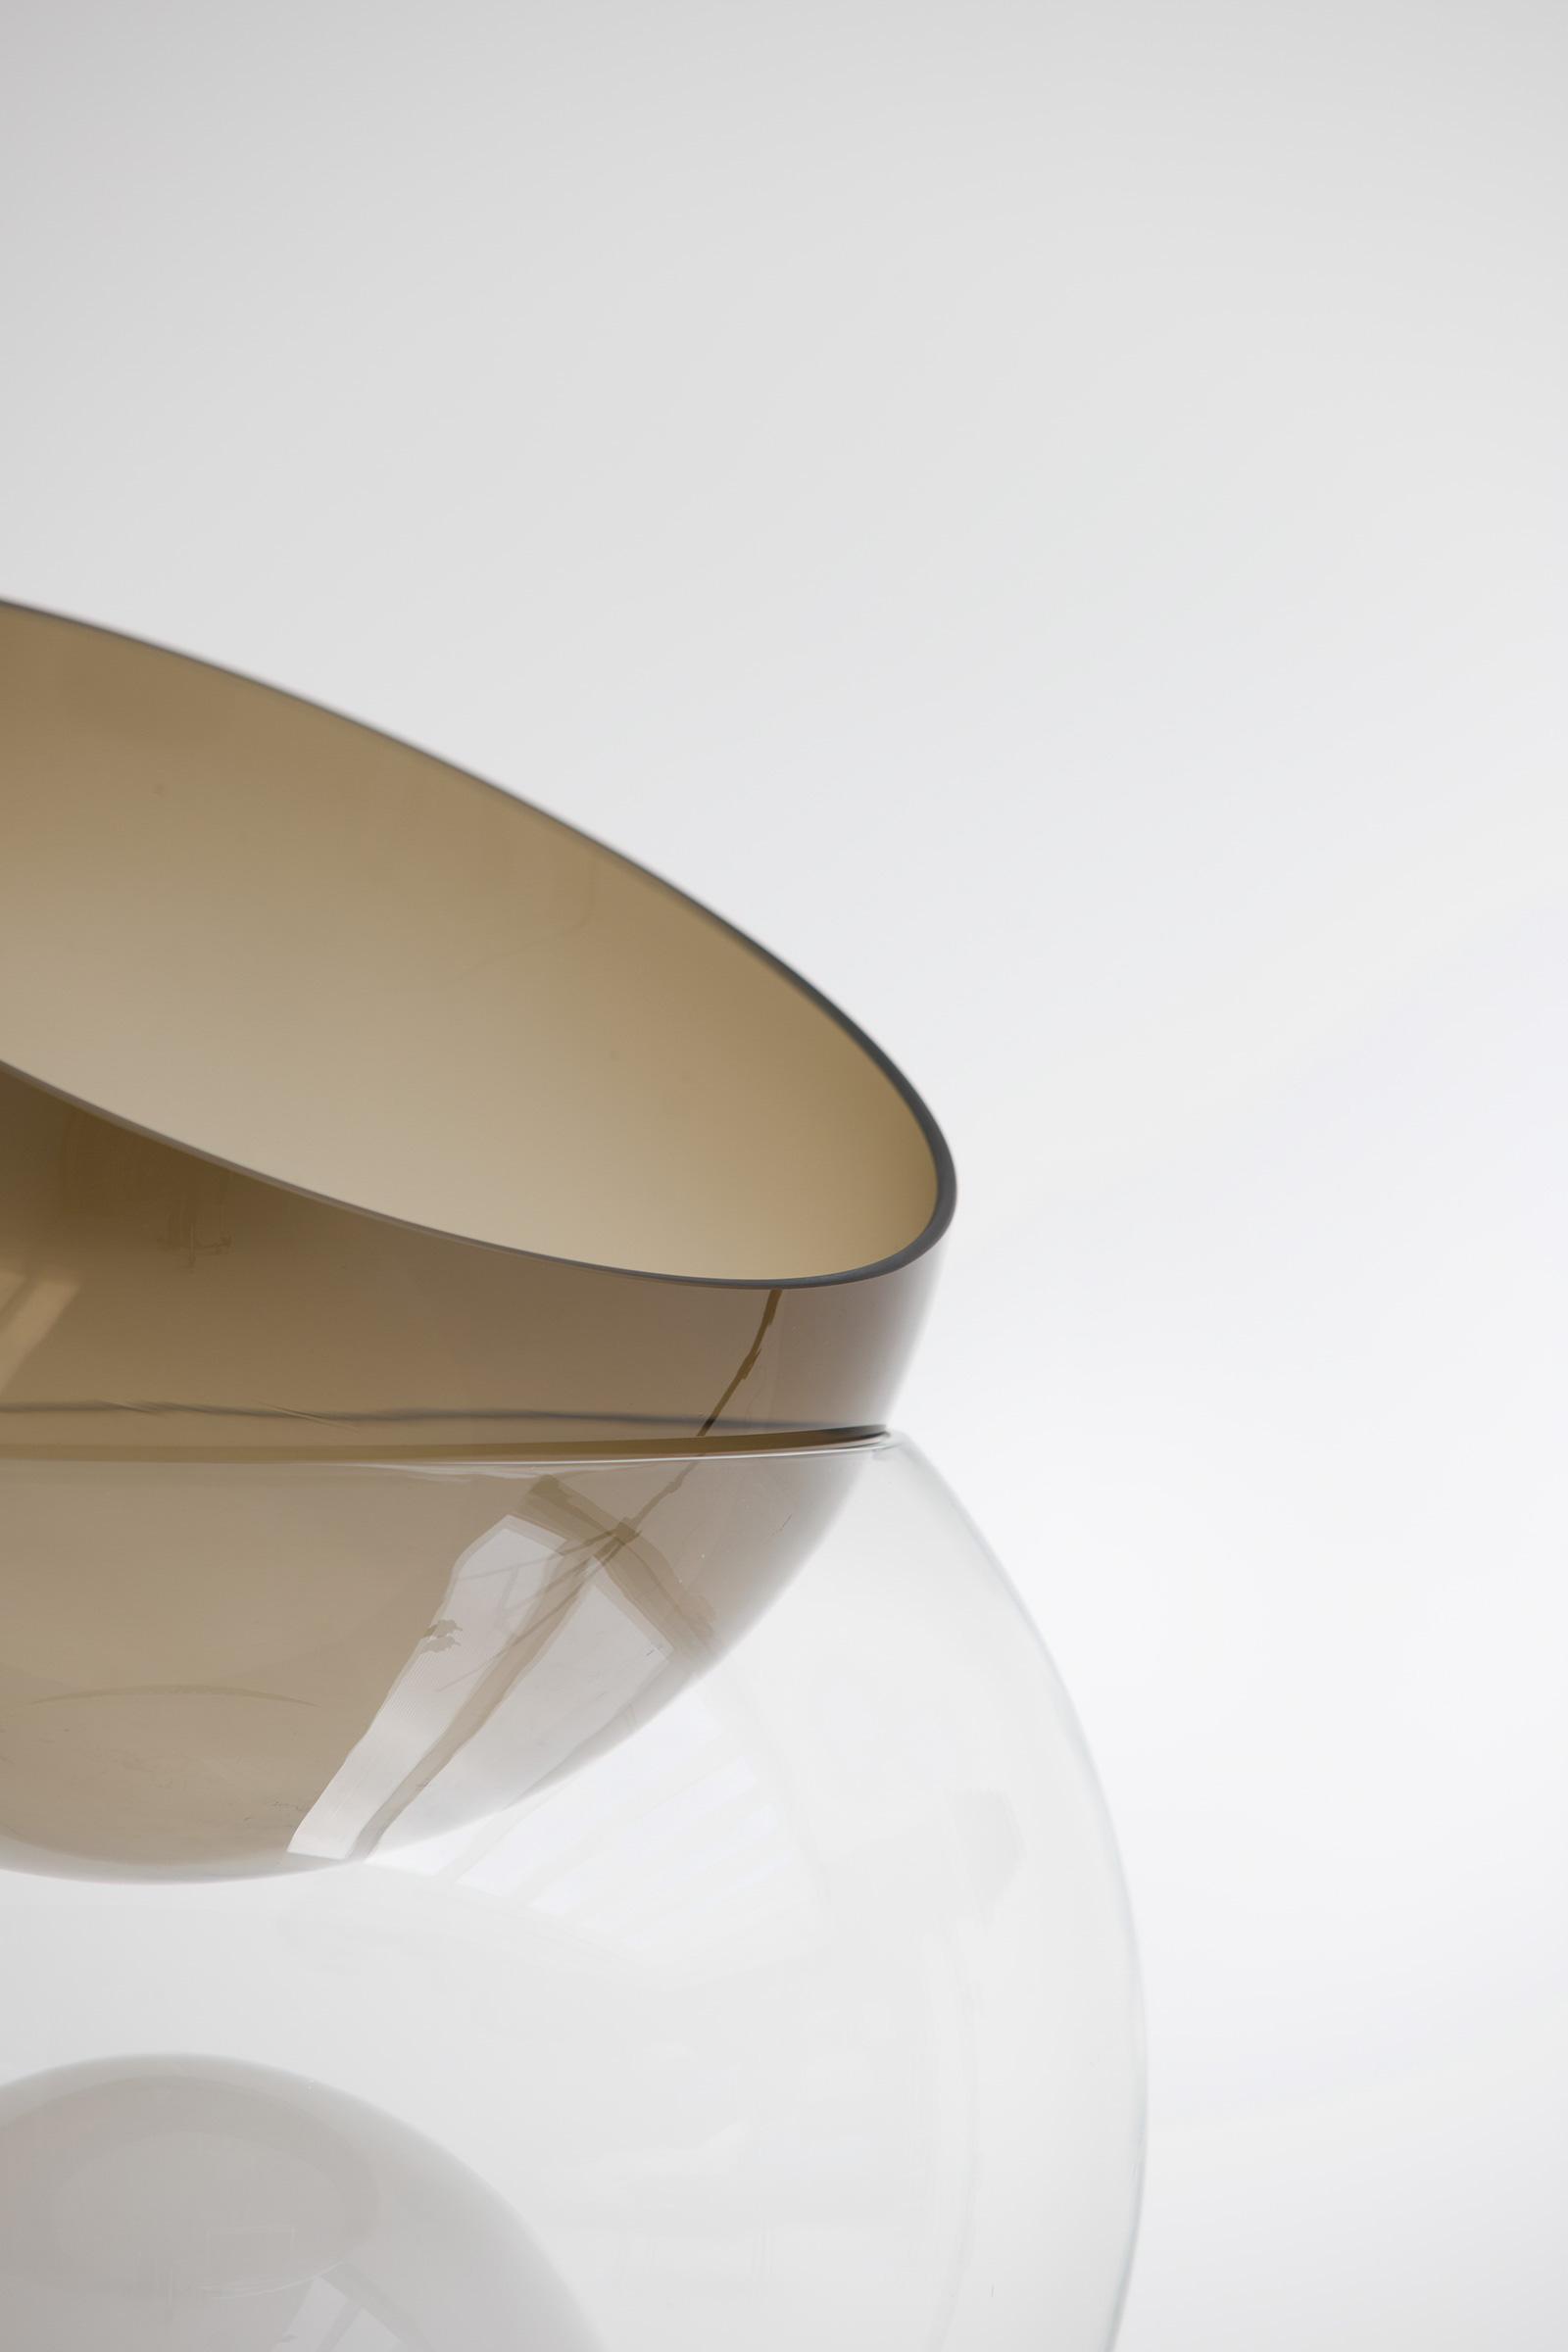 Gae Aulenti Giova Lamp for Fontana Arteimage 3